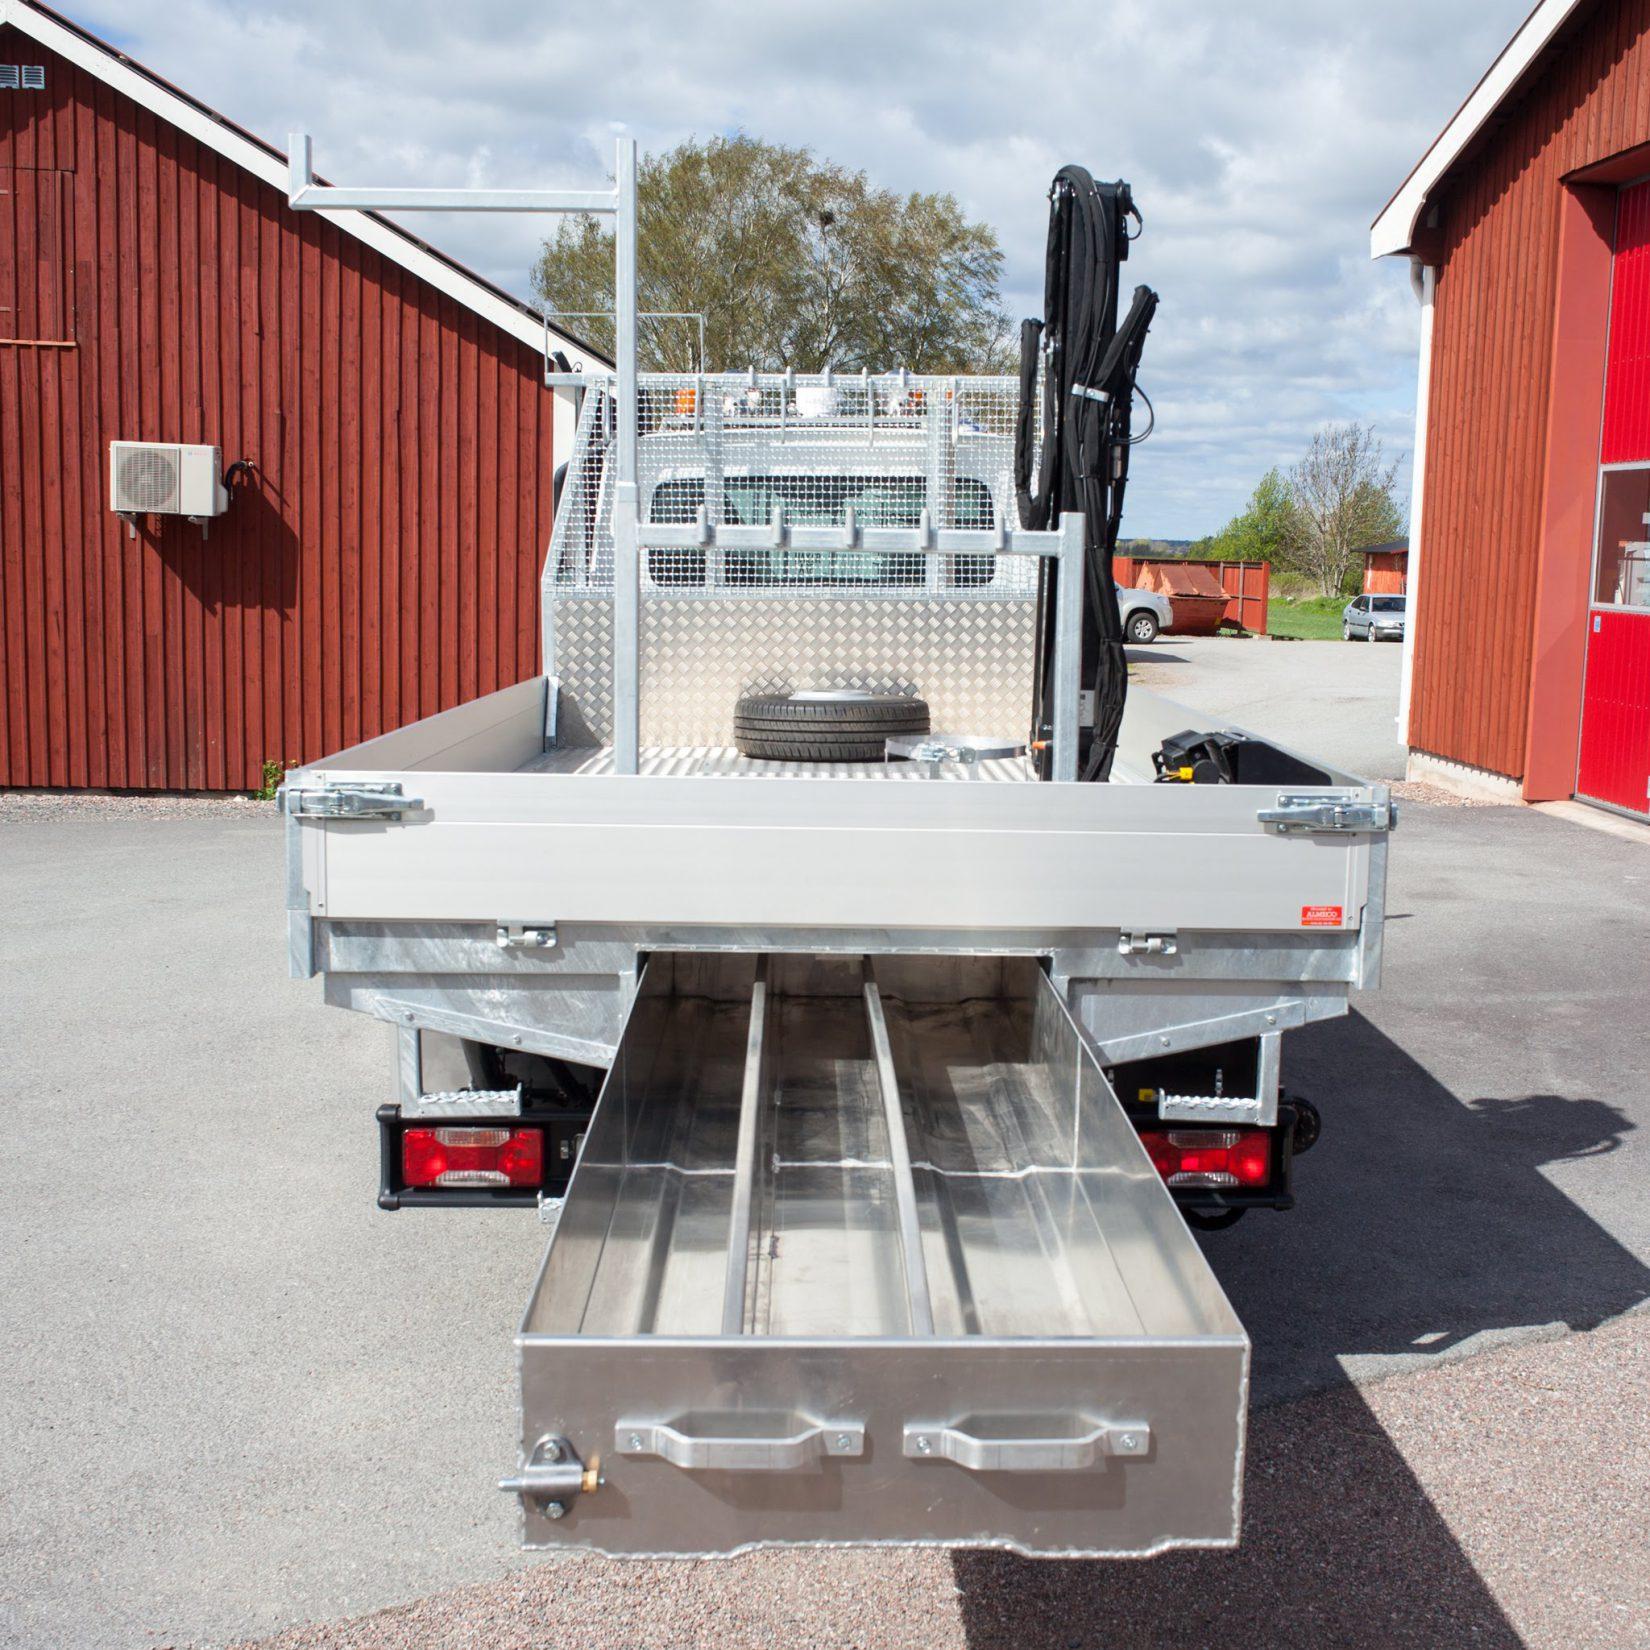 Utdragbar bakunderlåda måttanpassad byggd av Almeco. Kraftbolagsbil till Luleå Energi. För manöverstång-manöverstänger.